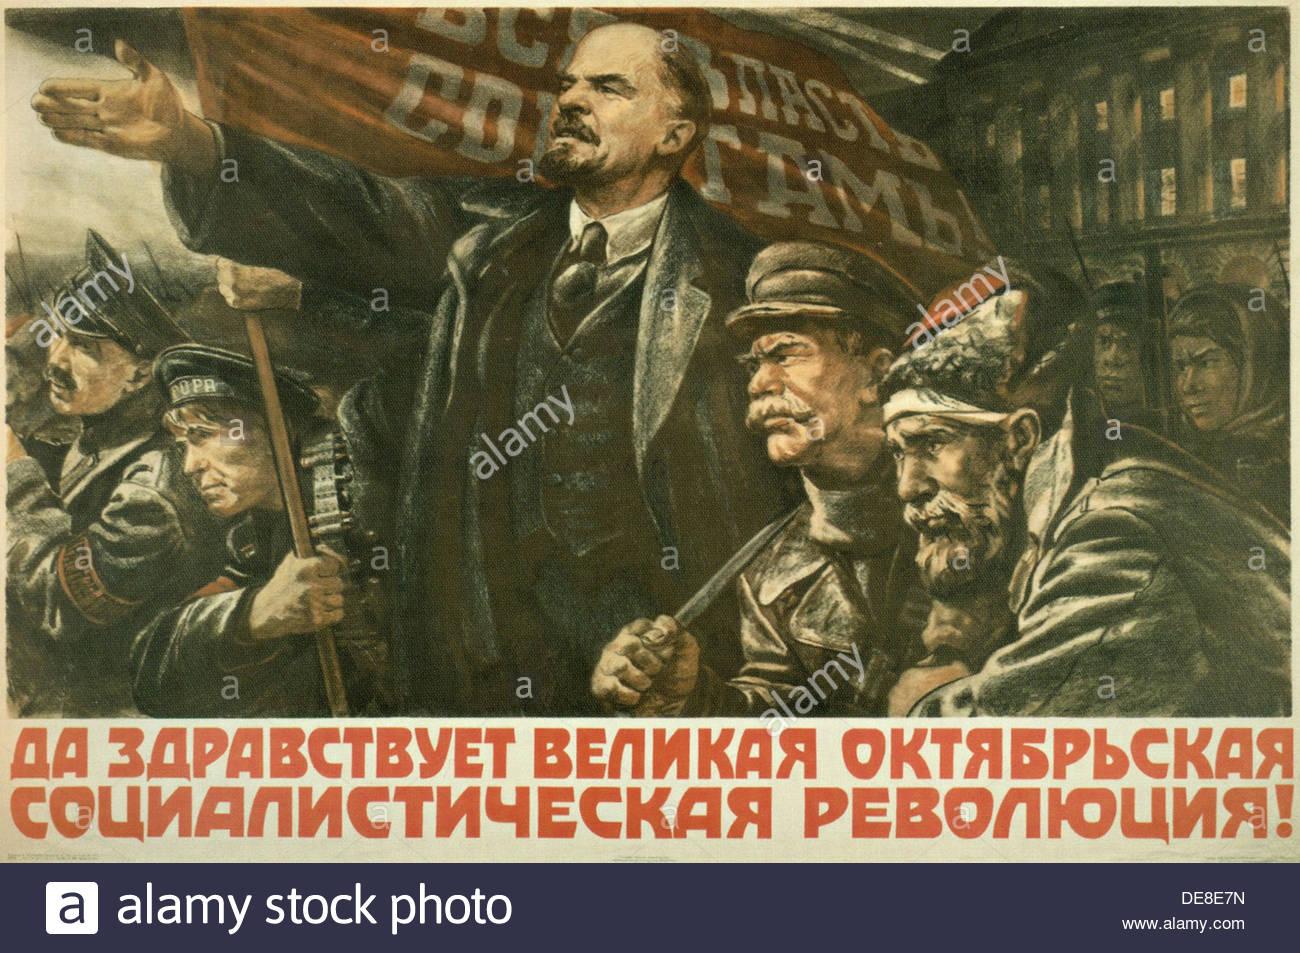 Картинки о великой октябрьской социалистической революции, коллаж